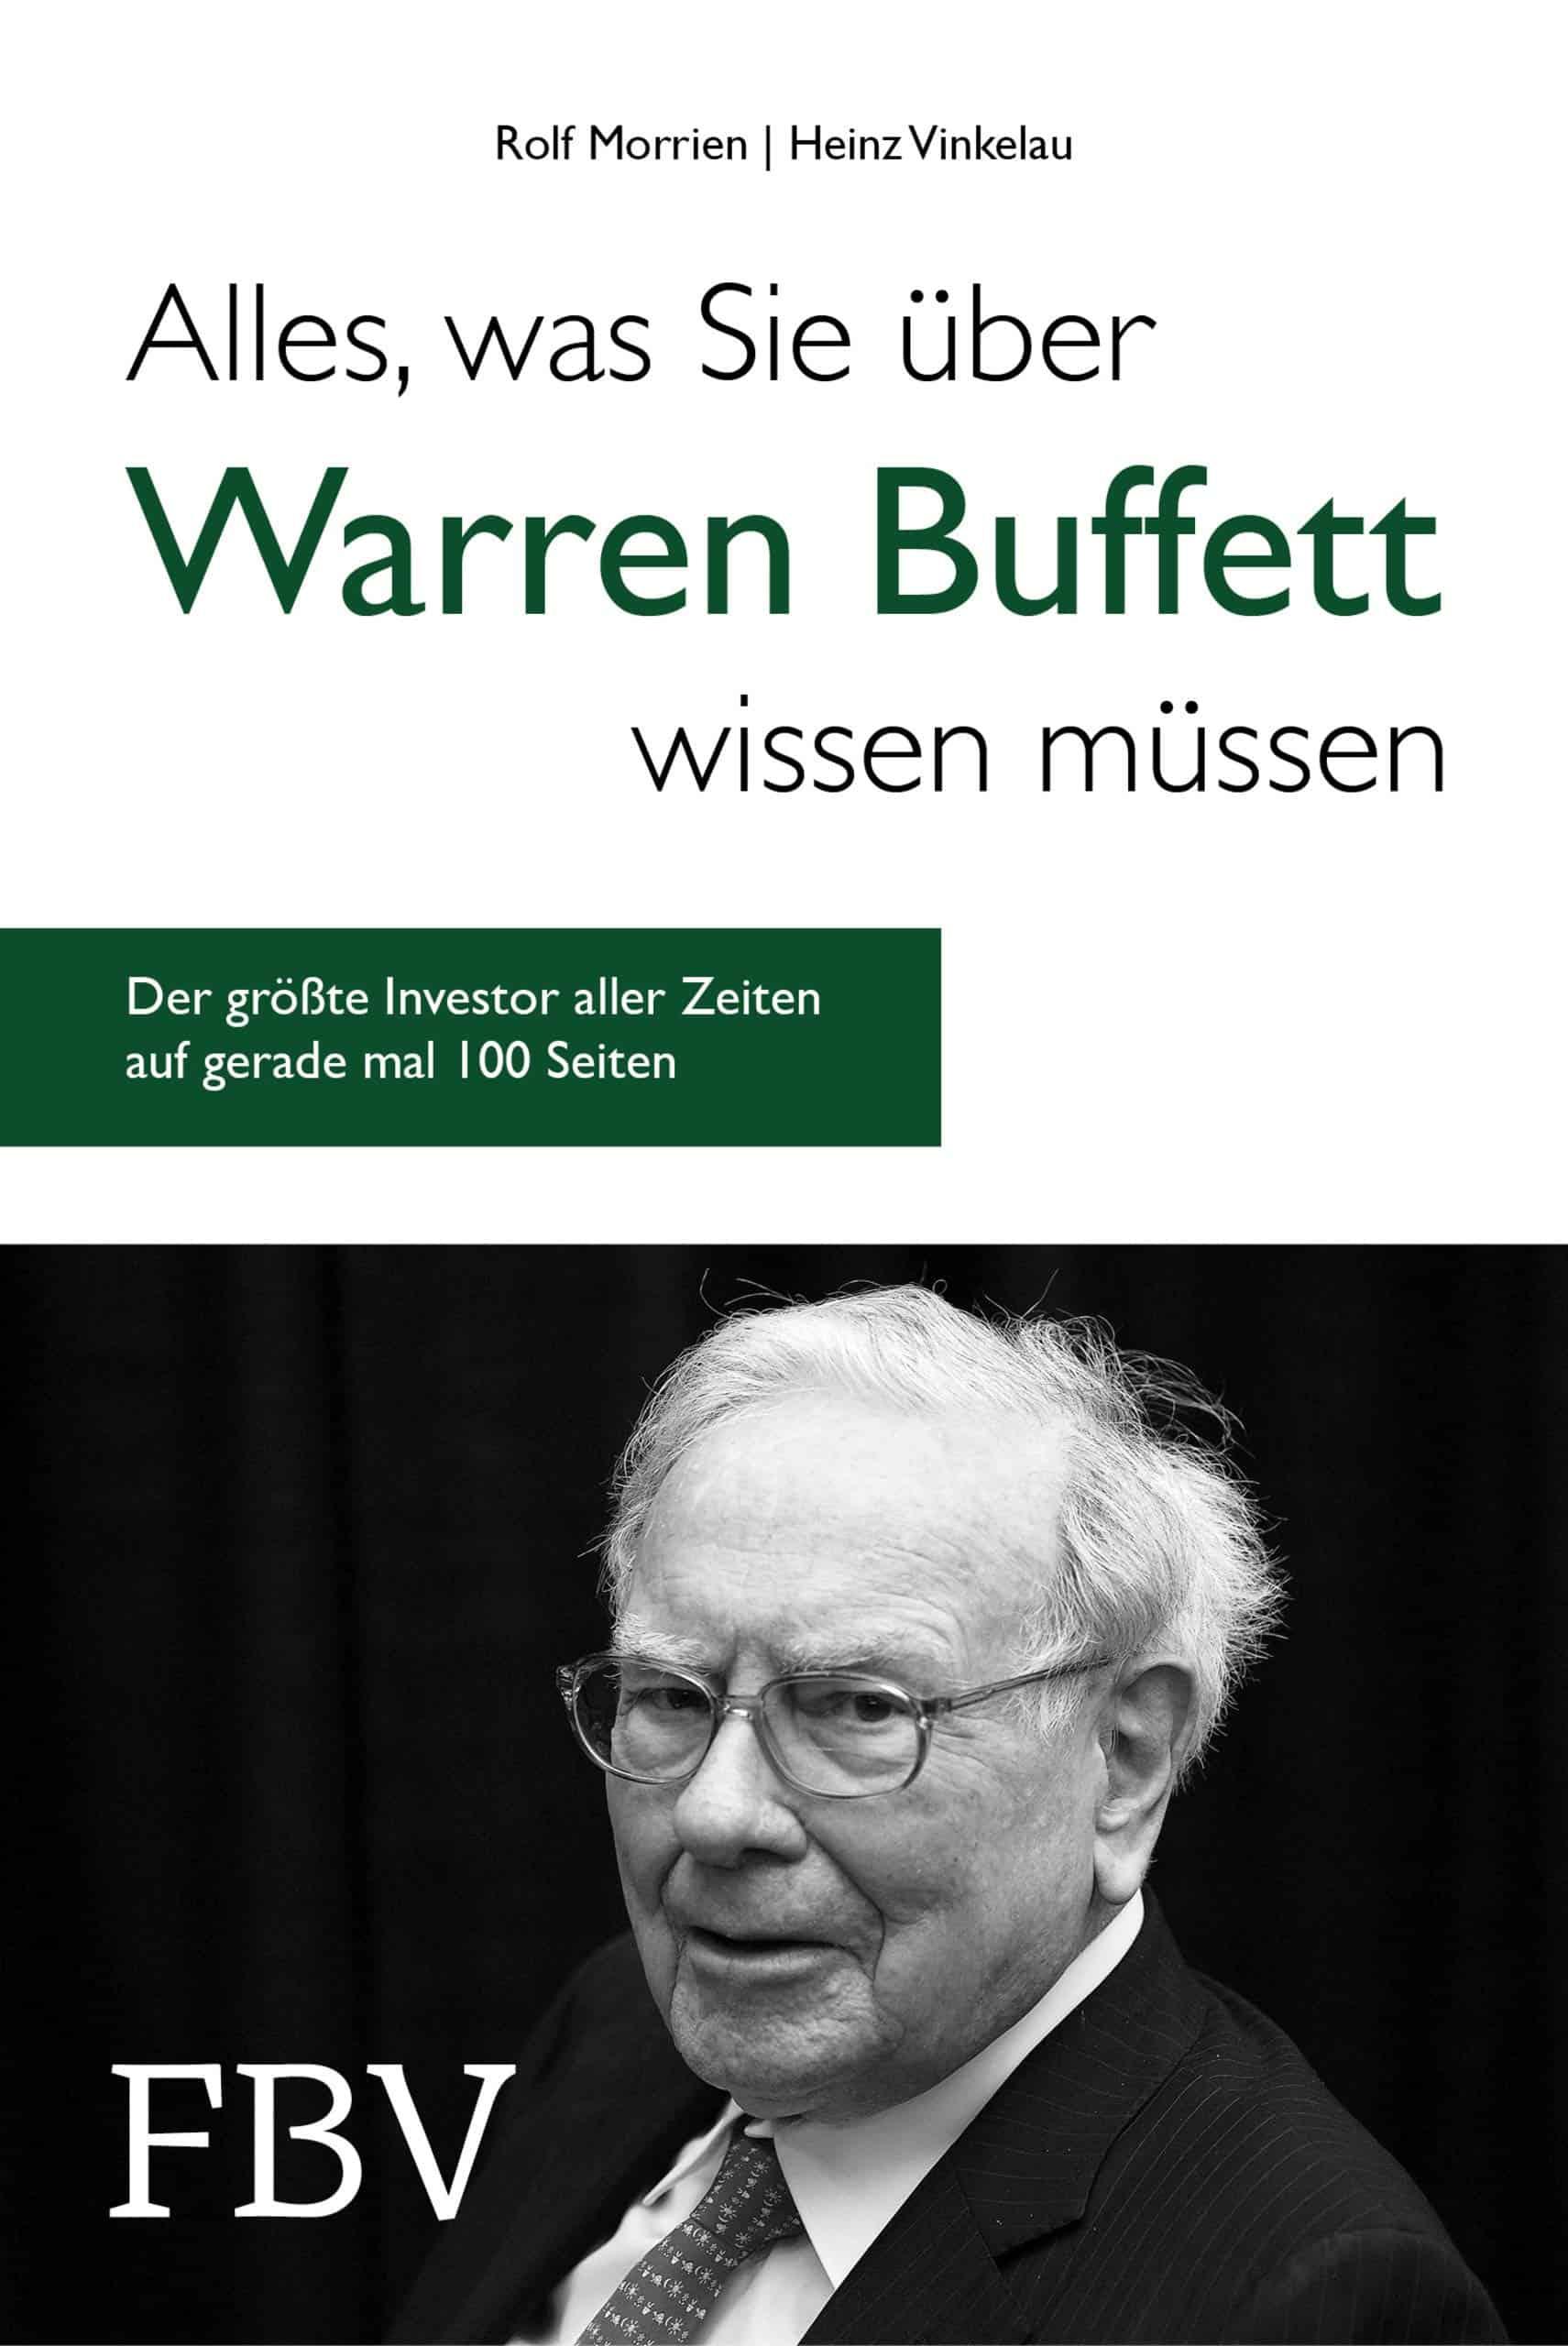 Alles_über_Warren_Buffett